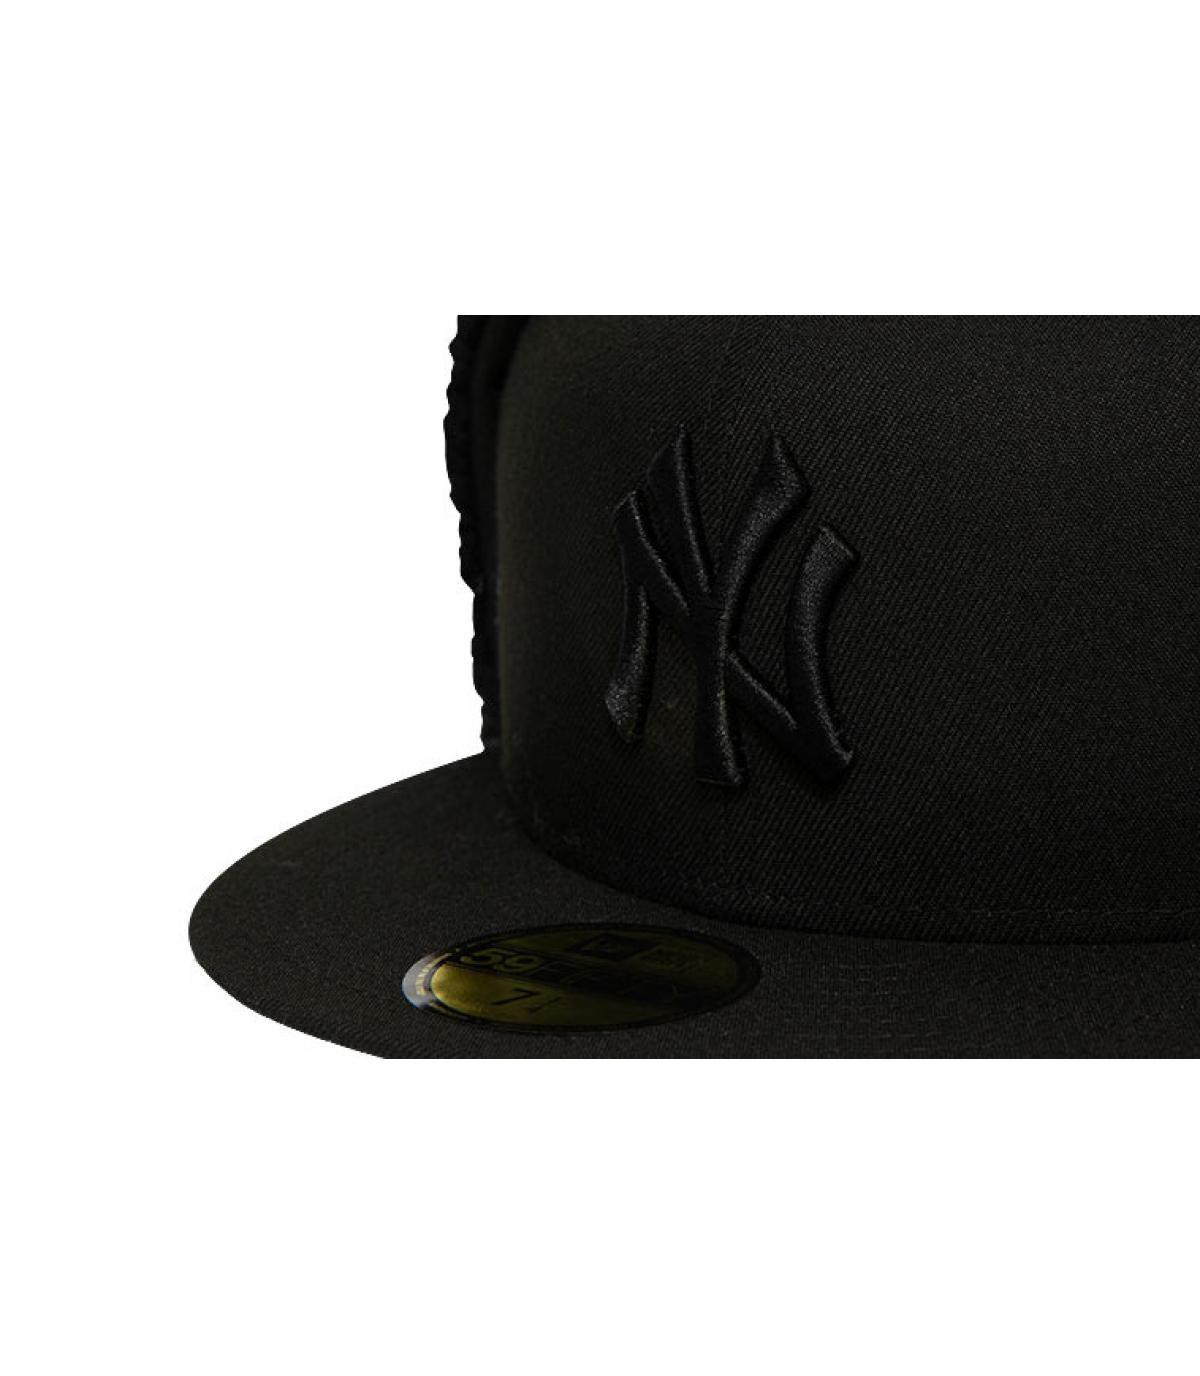 Détails Casquette League Ess Dogear NY 5950 black black - image 3